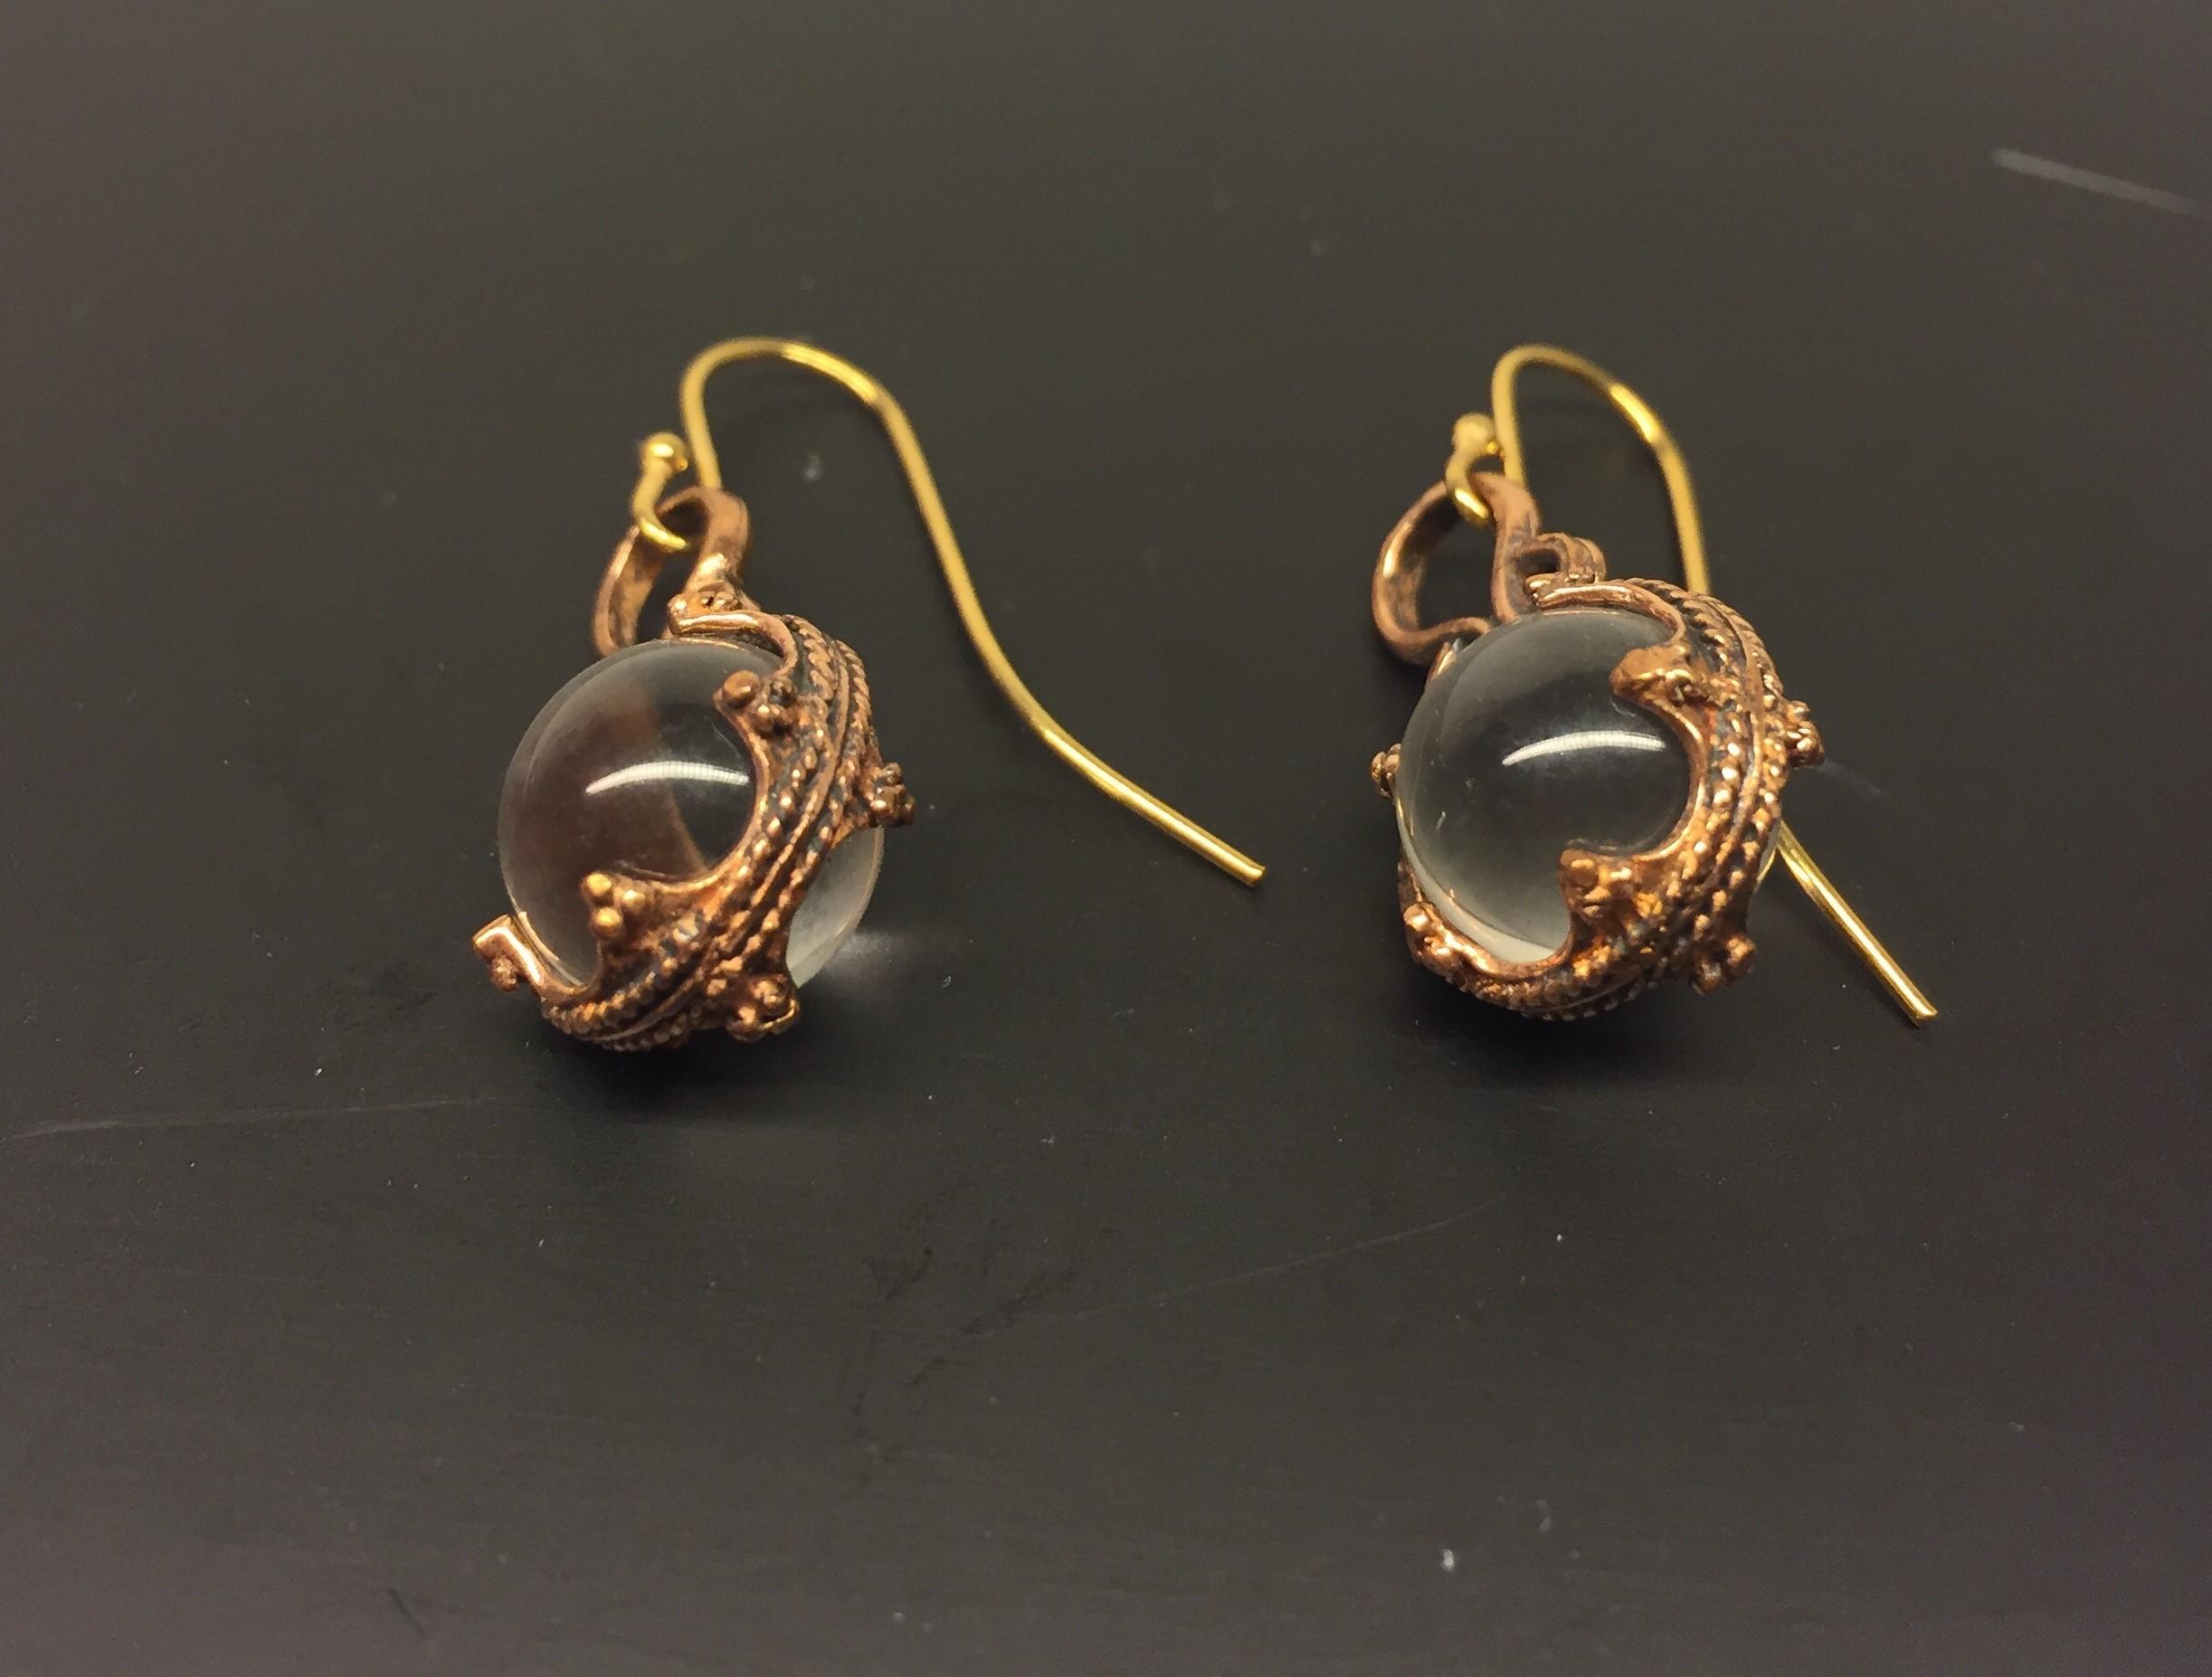 Vikinge Ørehængere i bronze - Gotlandsk krystal enkel, ørehængere, øreringe, ørenringe, øresmykker, bronze, smykker, vikingesmykker, museumssmykker, museums, kopismykker, vikingekopier, oldtidsfund, historiske smykker, ægte, originale, aser, nordisk, nordiske, mytologi, gamle, symbolik, amuletter, specielle, kvalitet, ribe, biti, fund,